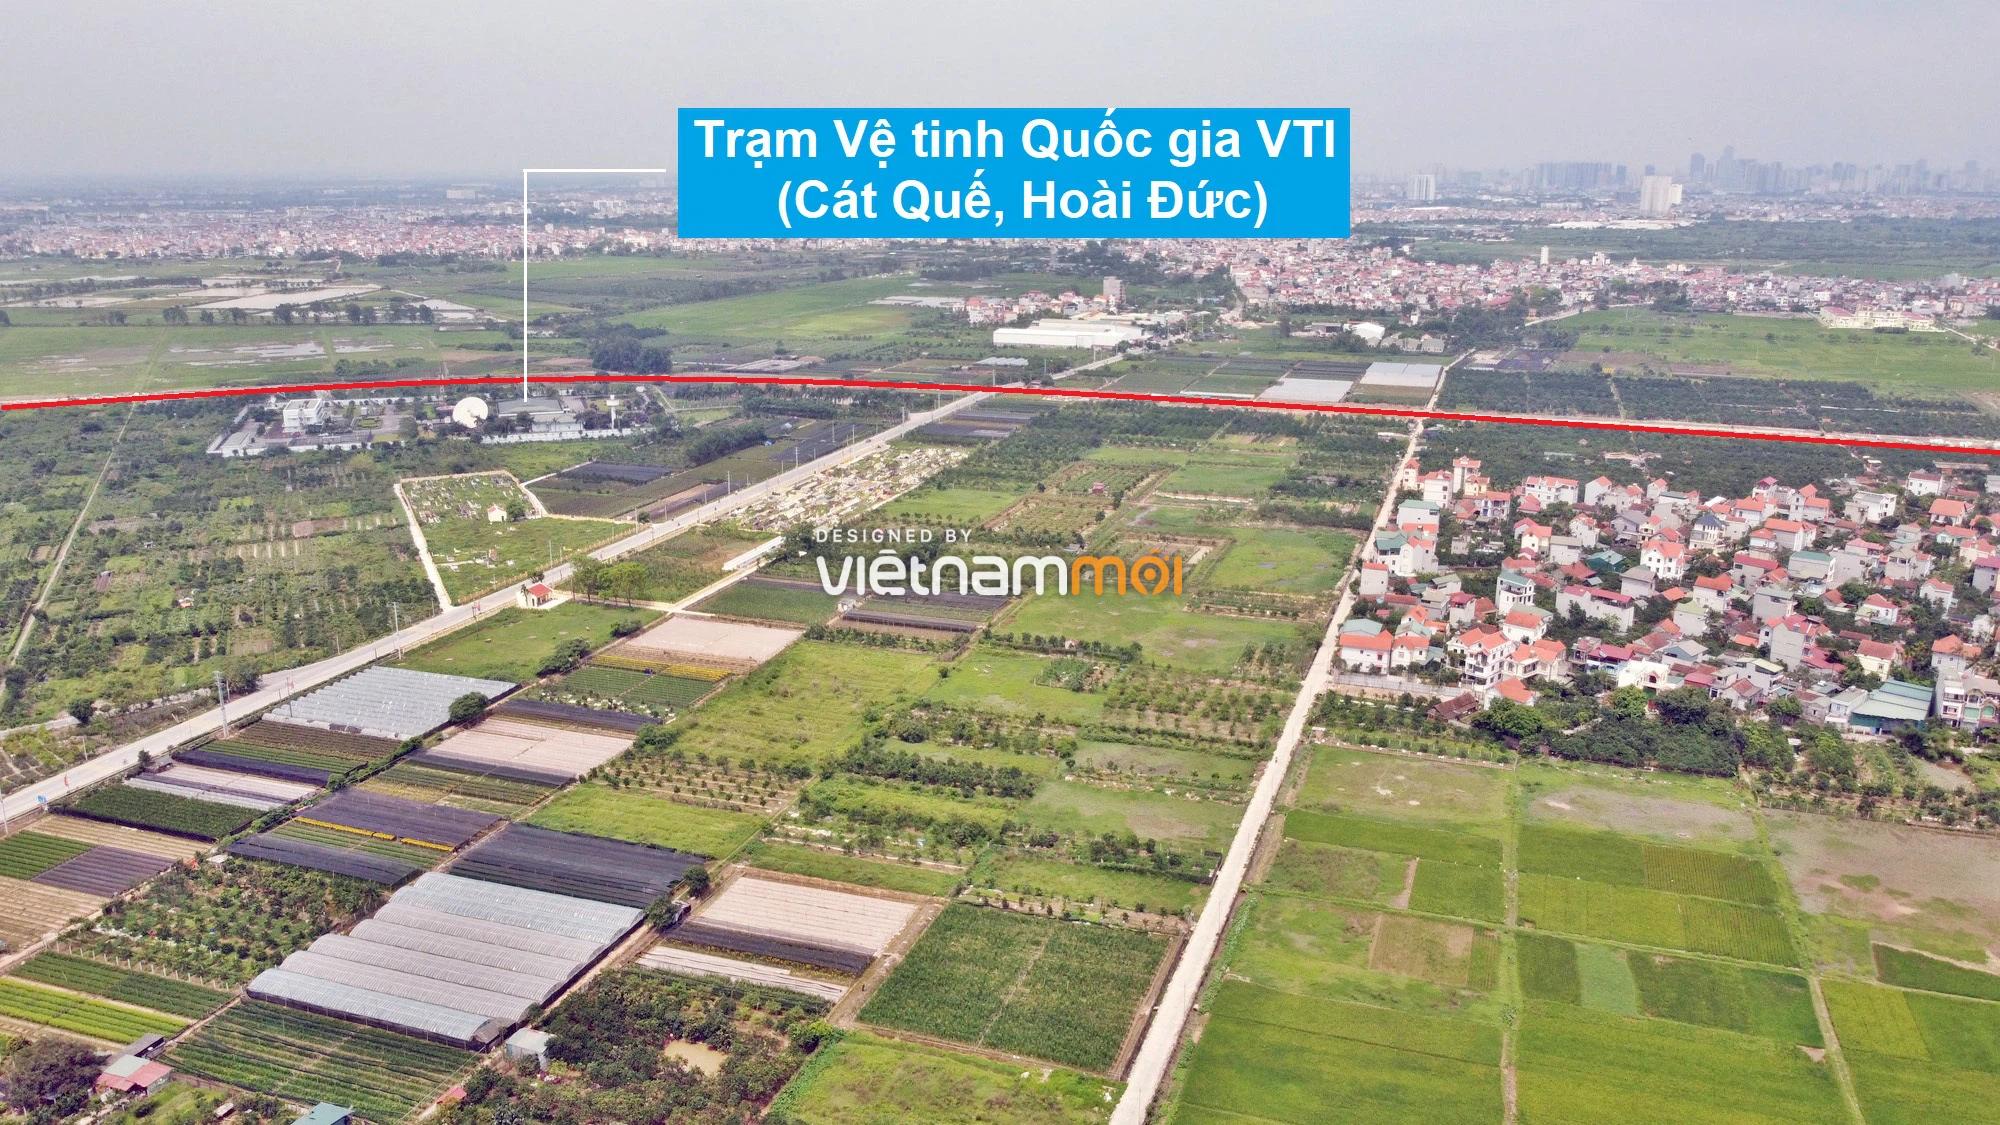 Toàn cảnh đường Liên khu vực 1 từ Đức Thượng đến Song Phương đang mở theo quy hoạch ở Hà Nội - Ảnh 10.